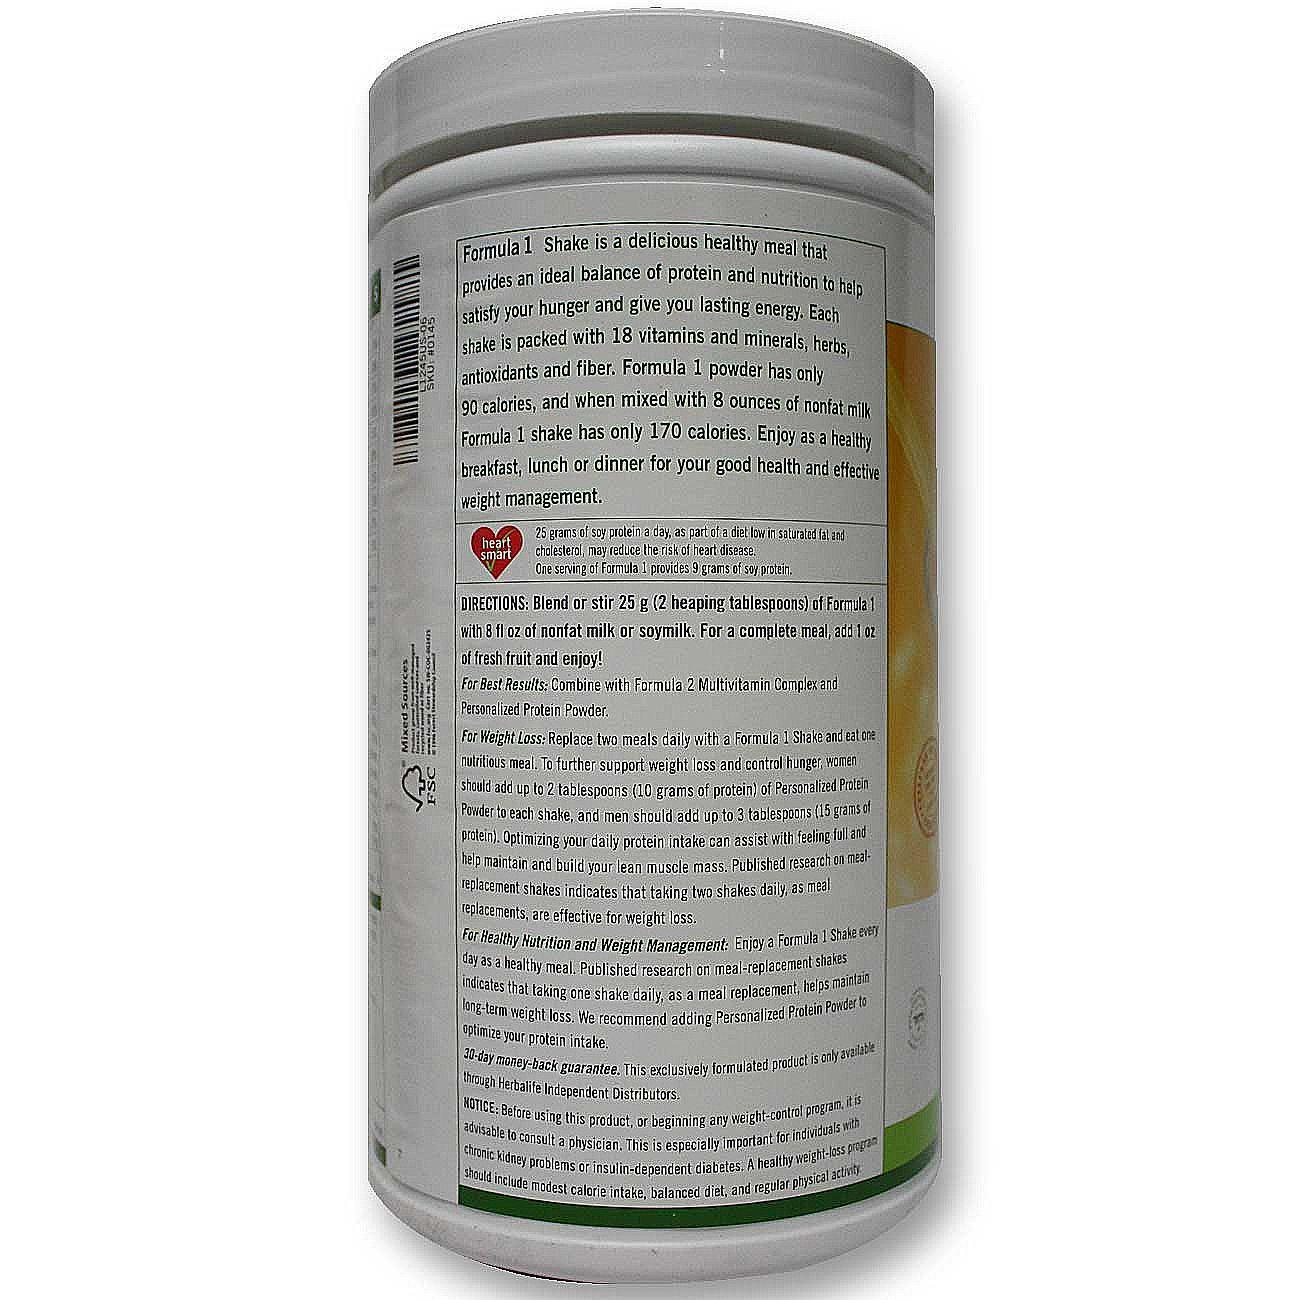 Green coffee opinioni dei medici